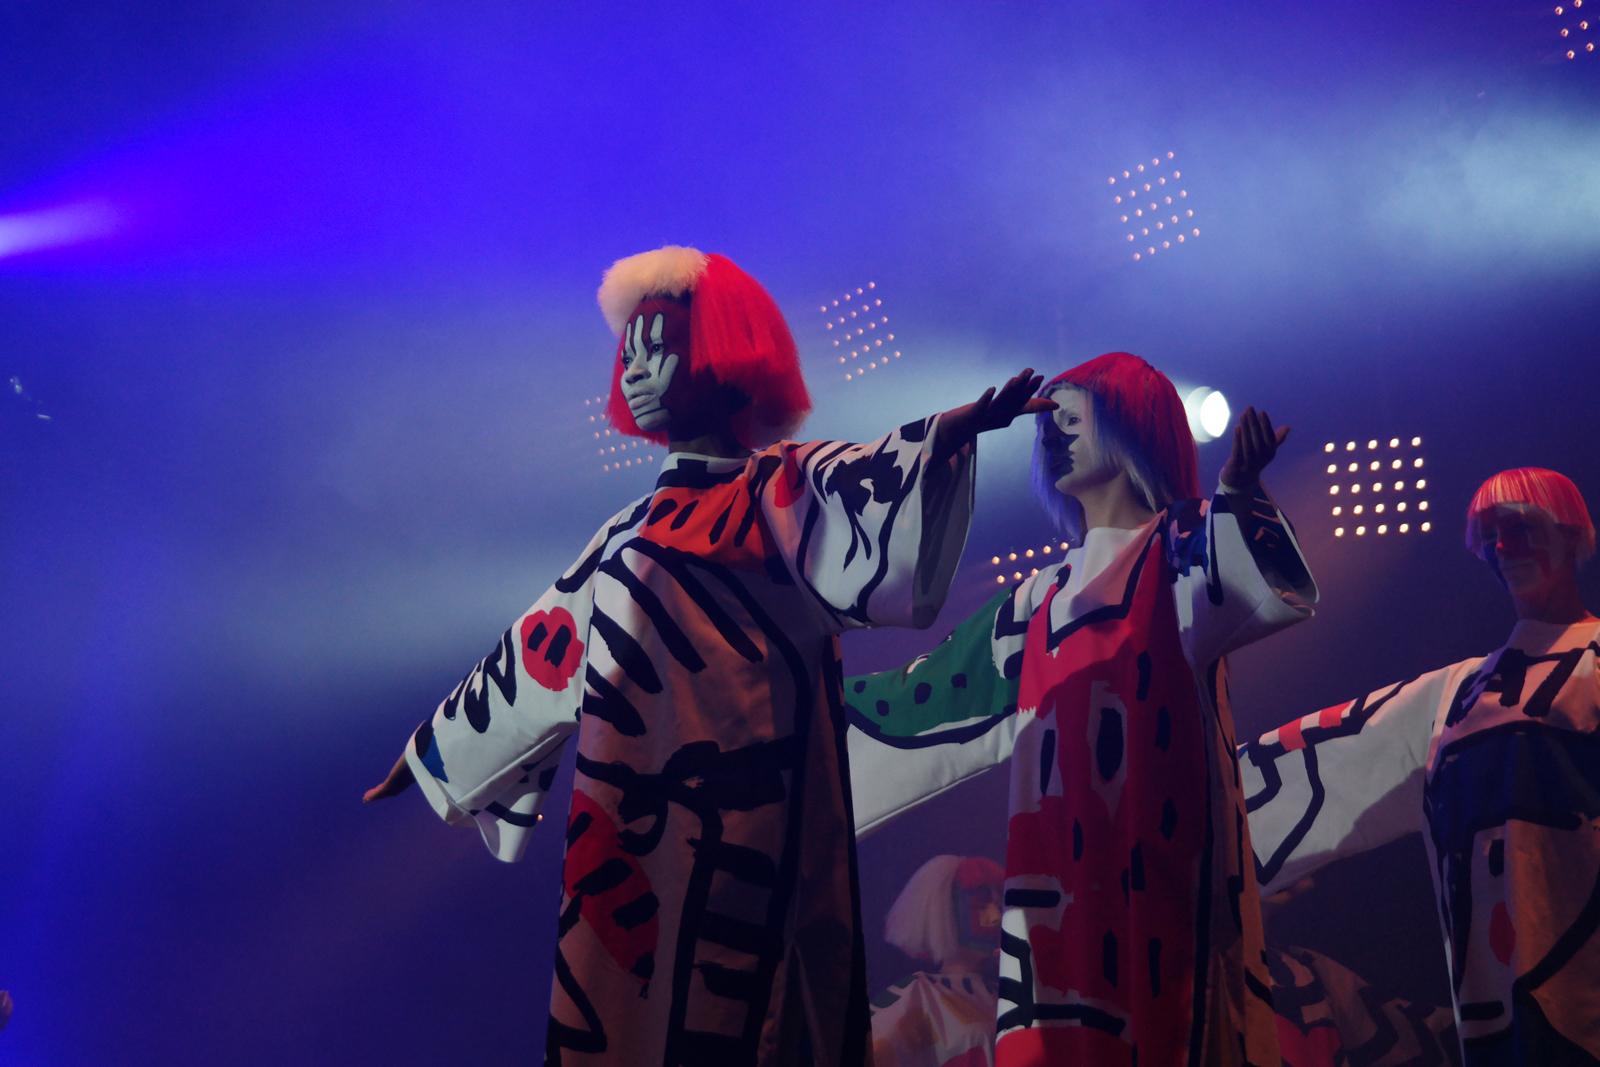 Mannequins-spectacle-Fantomes-de-Jean-Charles-de-Castelbajac-JCDC-création-mode-et-musique-festival-Art-Rock-2015-Saint-Brieuc-photo-united-states-of-paris-blog